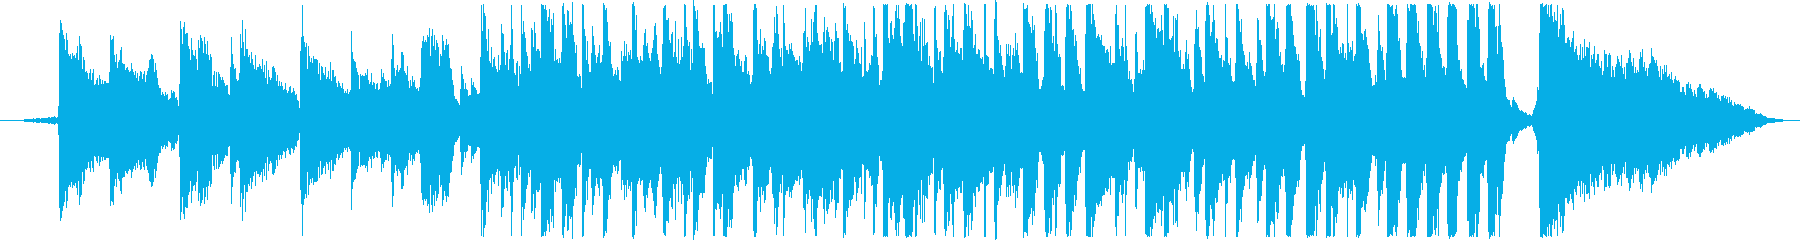 30秒CM用(JAZZ)の再生済みの波形